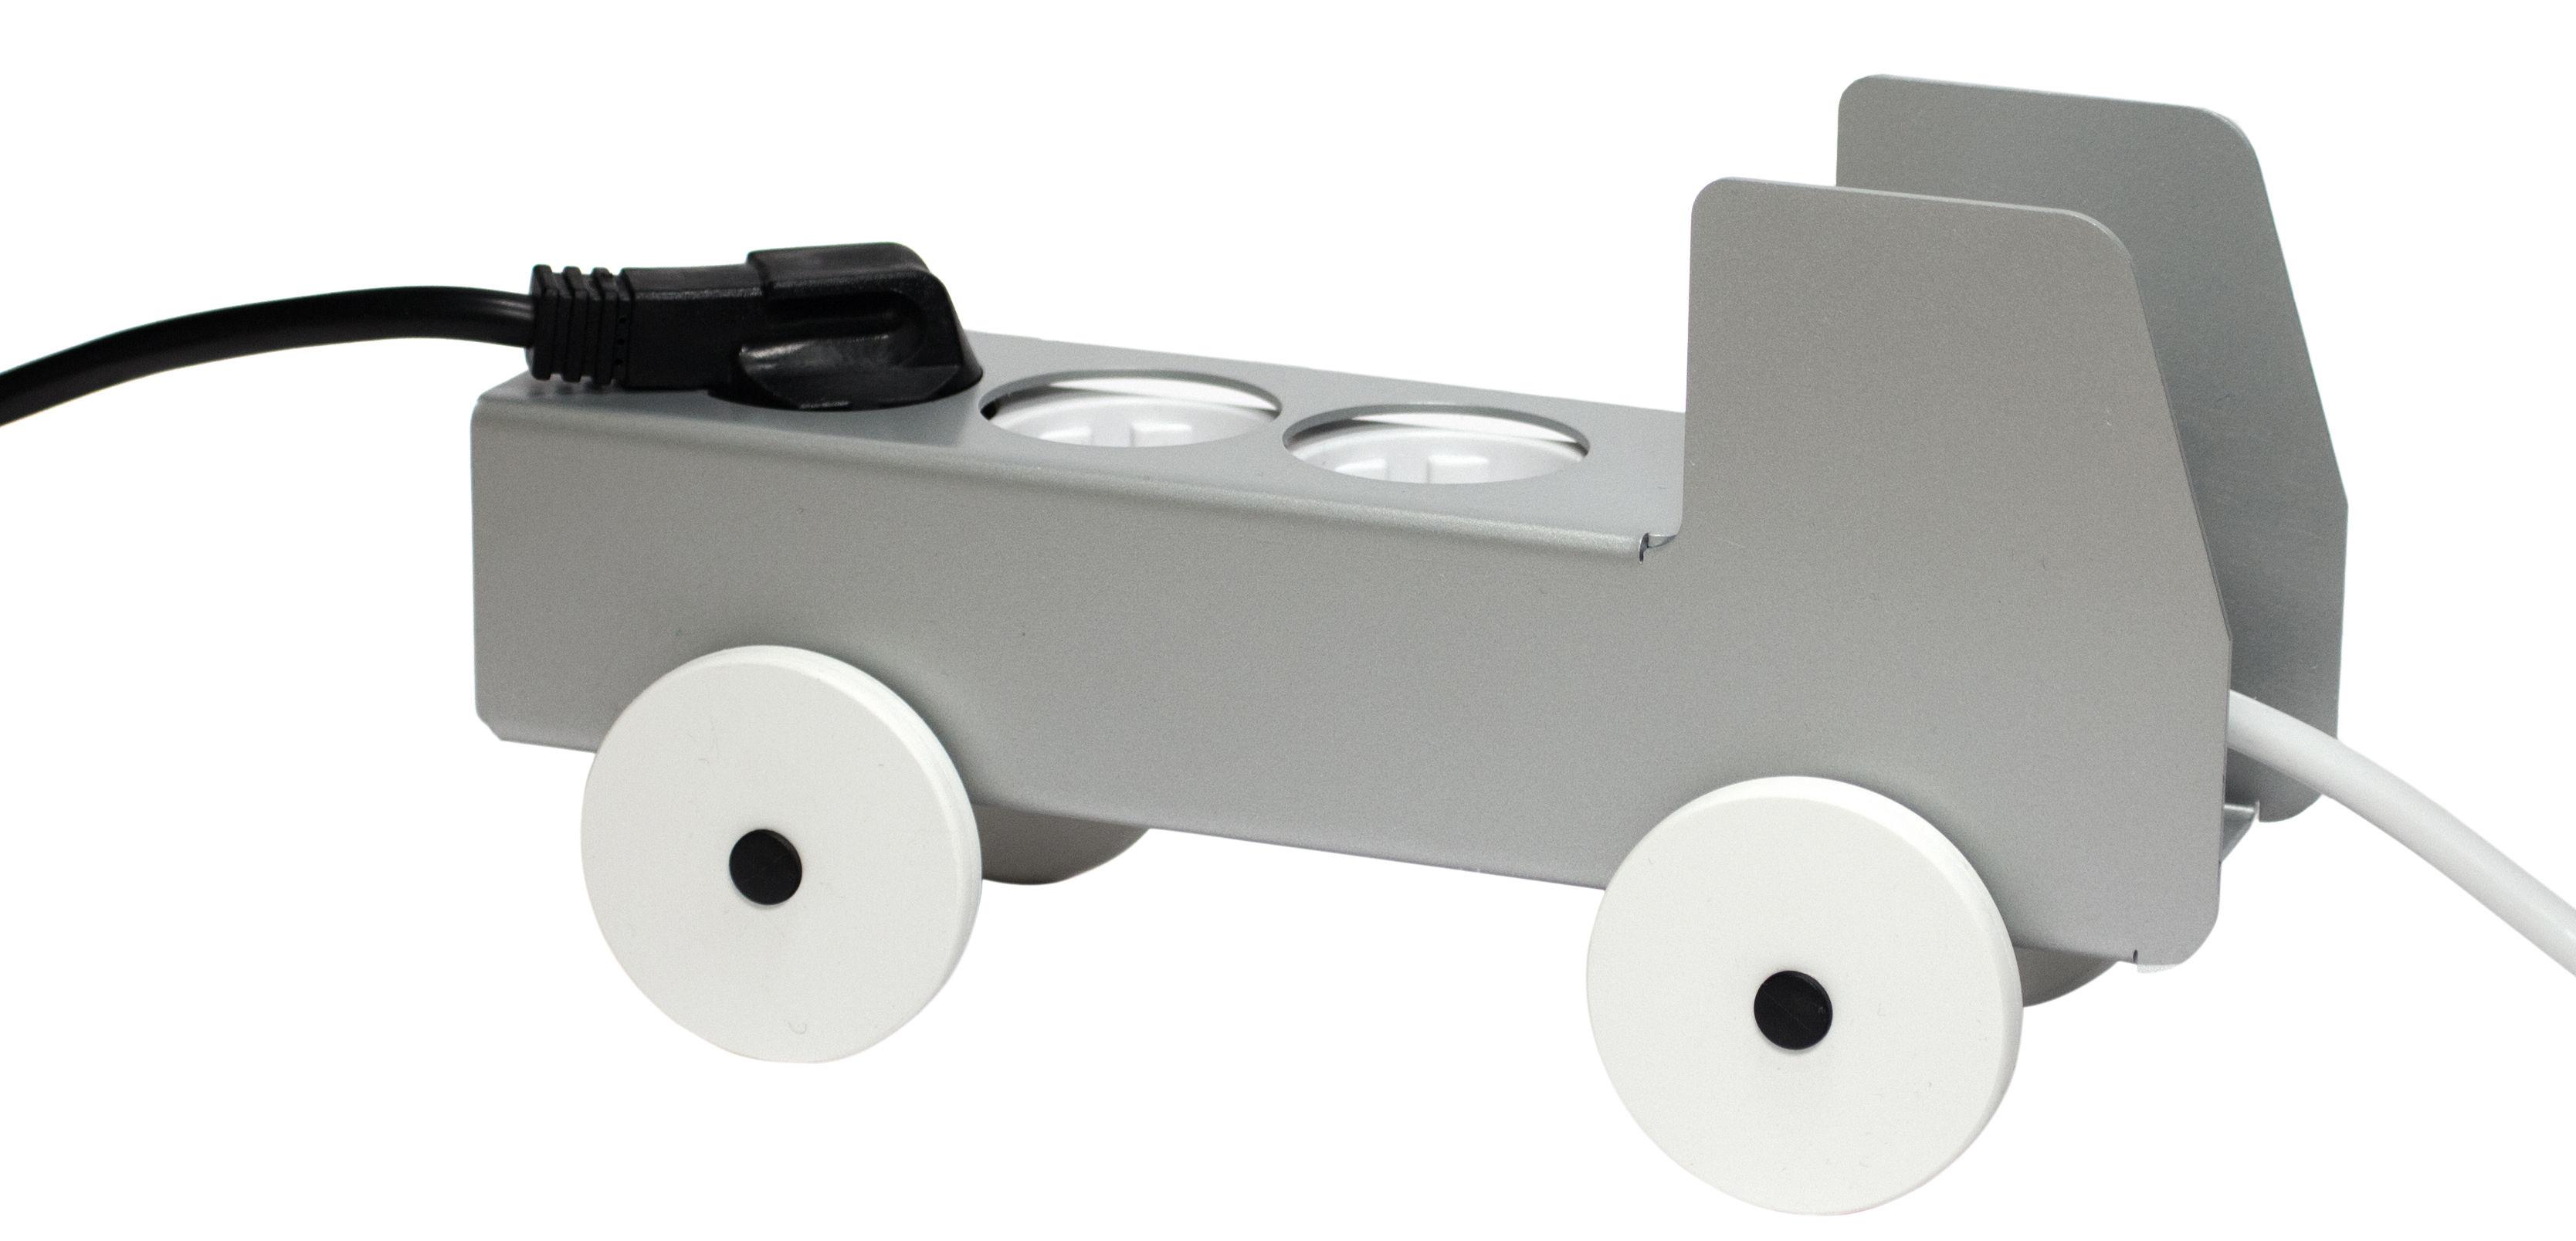 Accessoires - Objets connectés, accessoires high tech - Cache-multiprise Plug Truck / 3 prises - Details - Pop Corn - Gris - Bois, Métal laqué